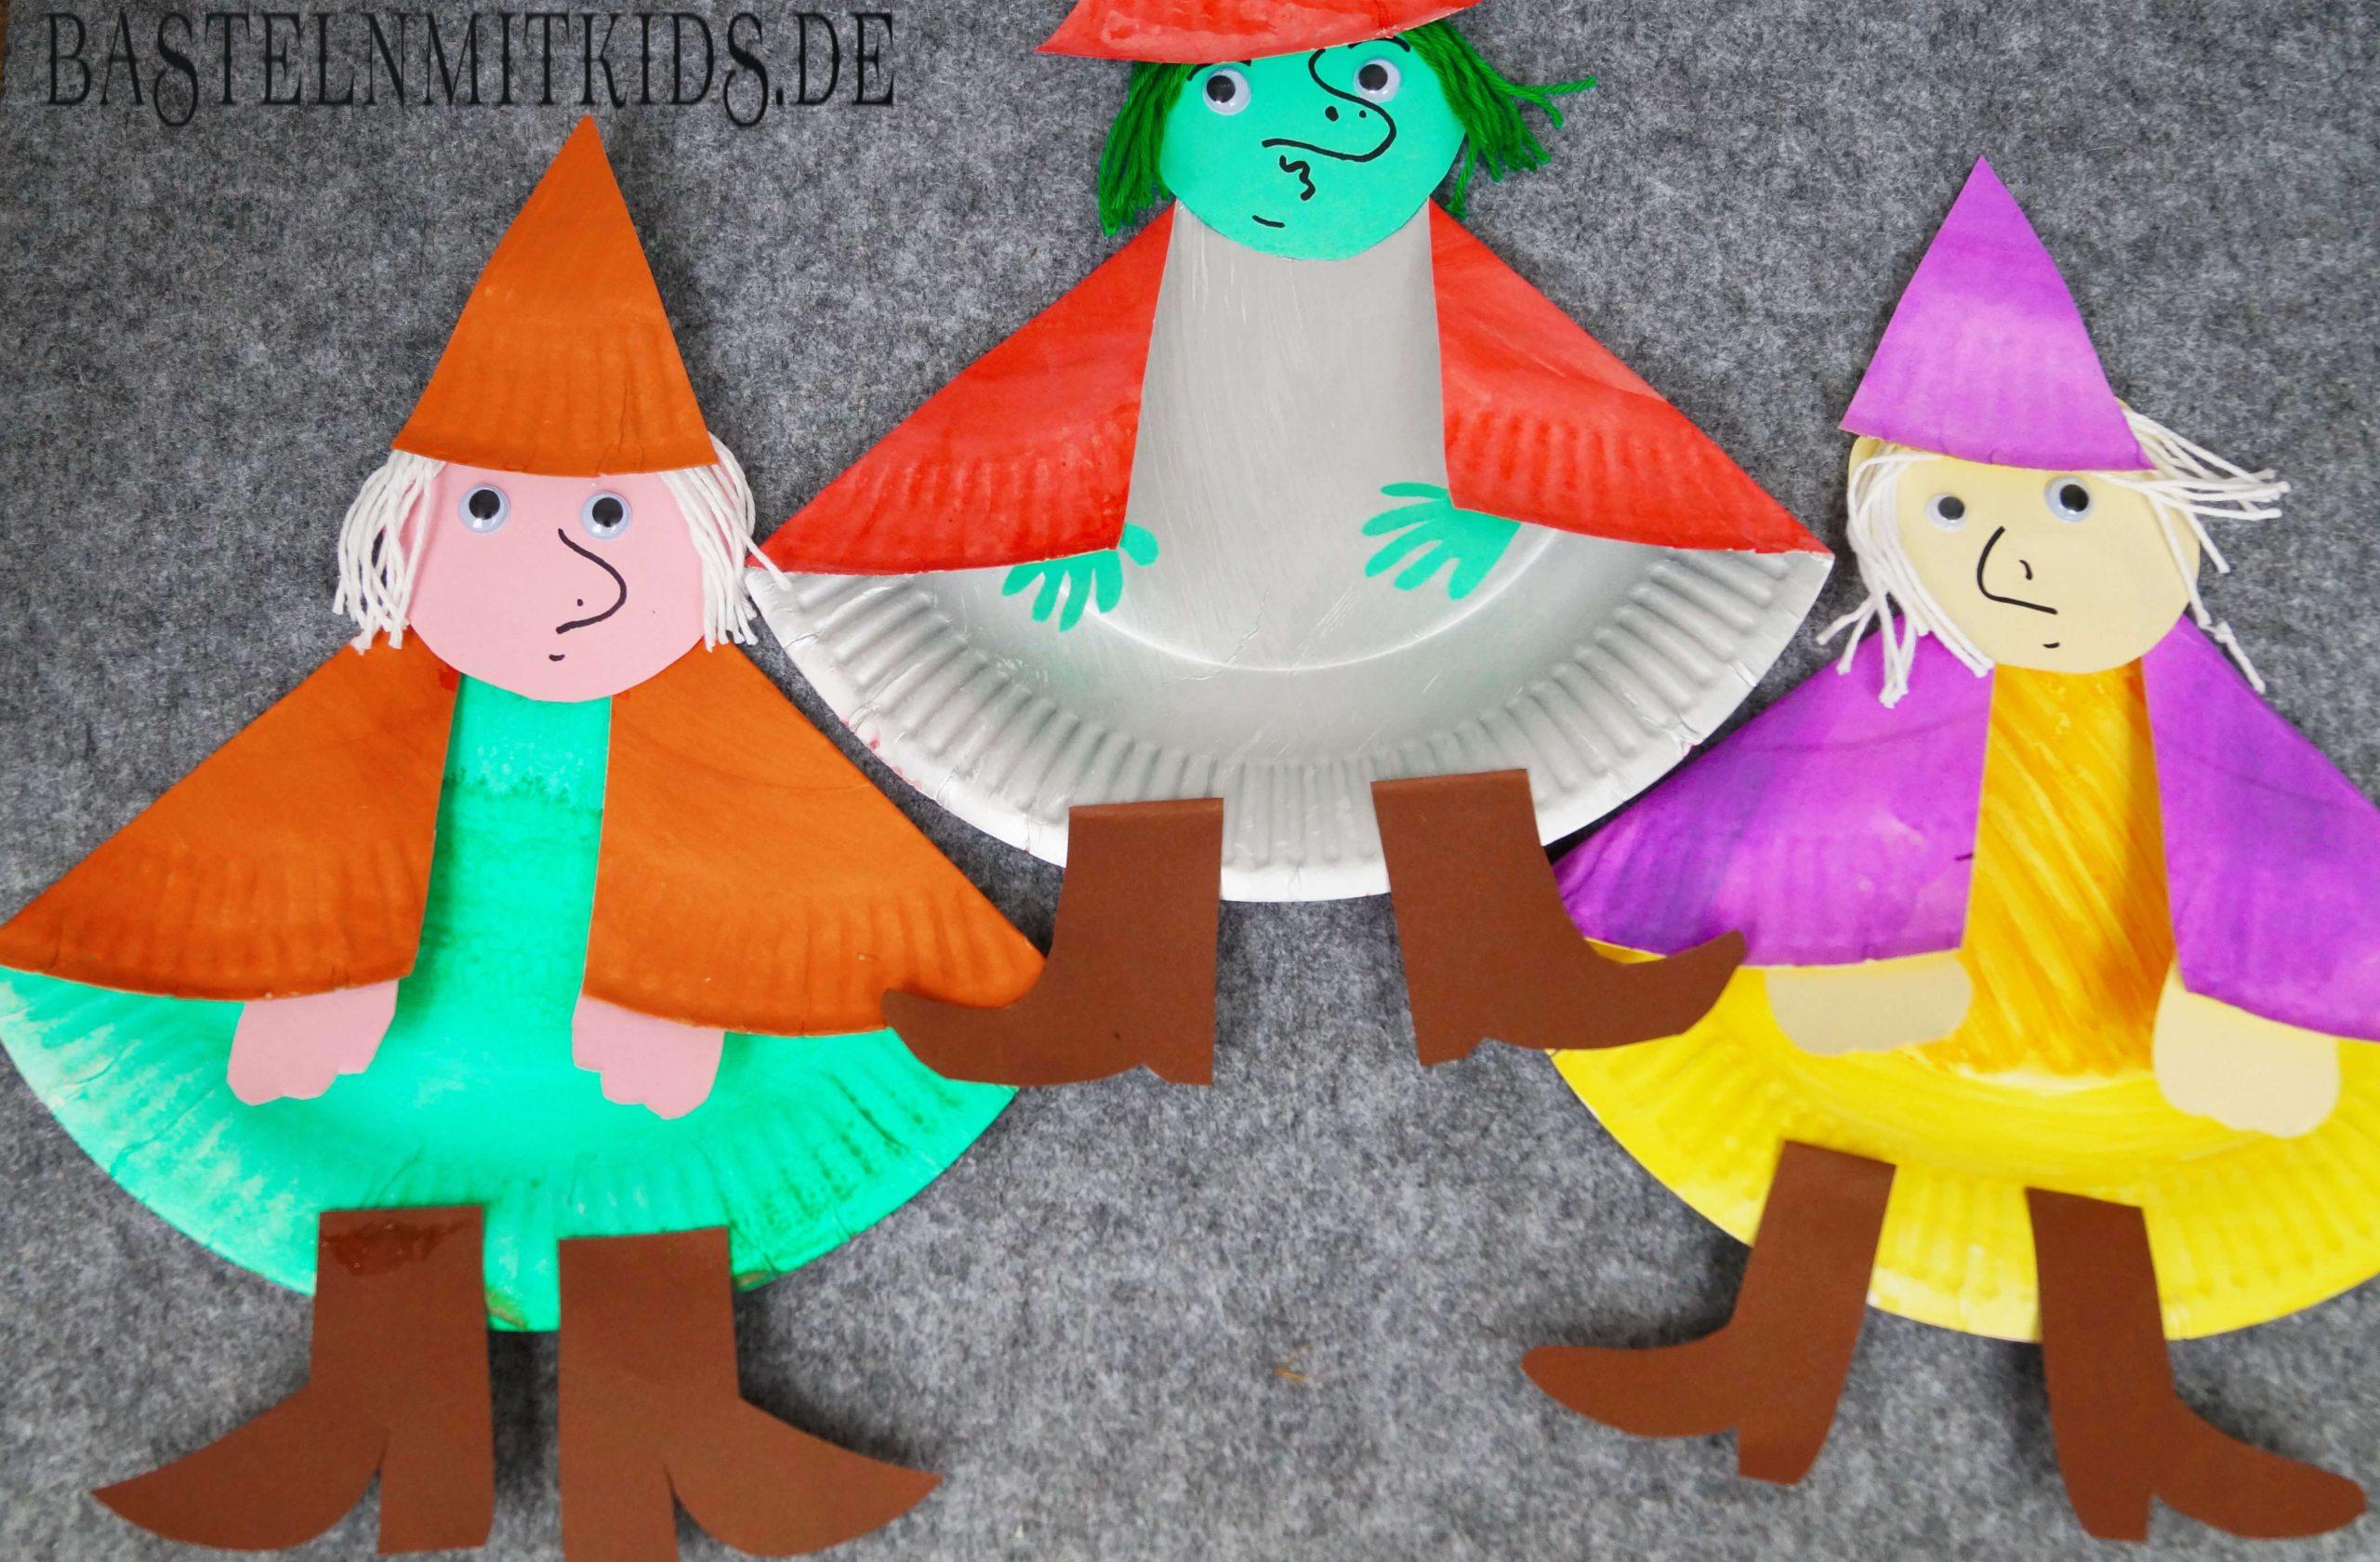 Hexe Basteln Für Halloween - Basteln Mit Kindern Und mit Bastelvorlage Hexe